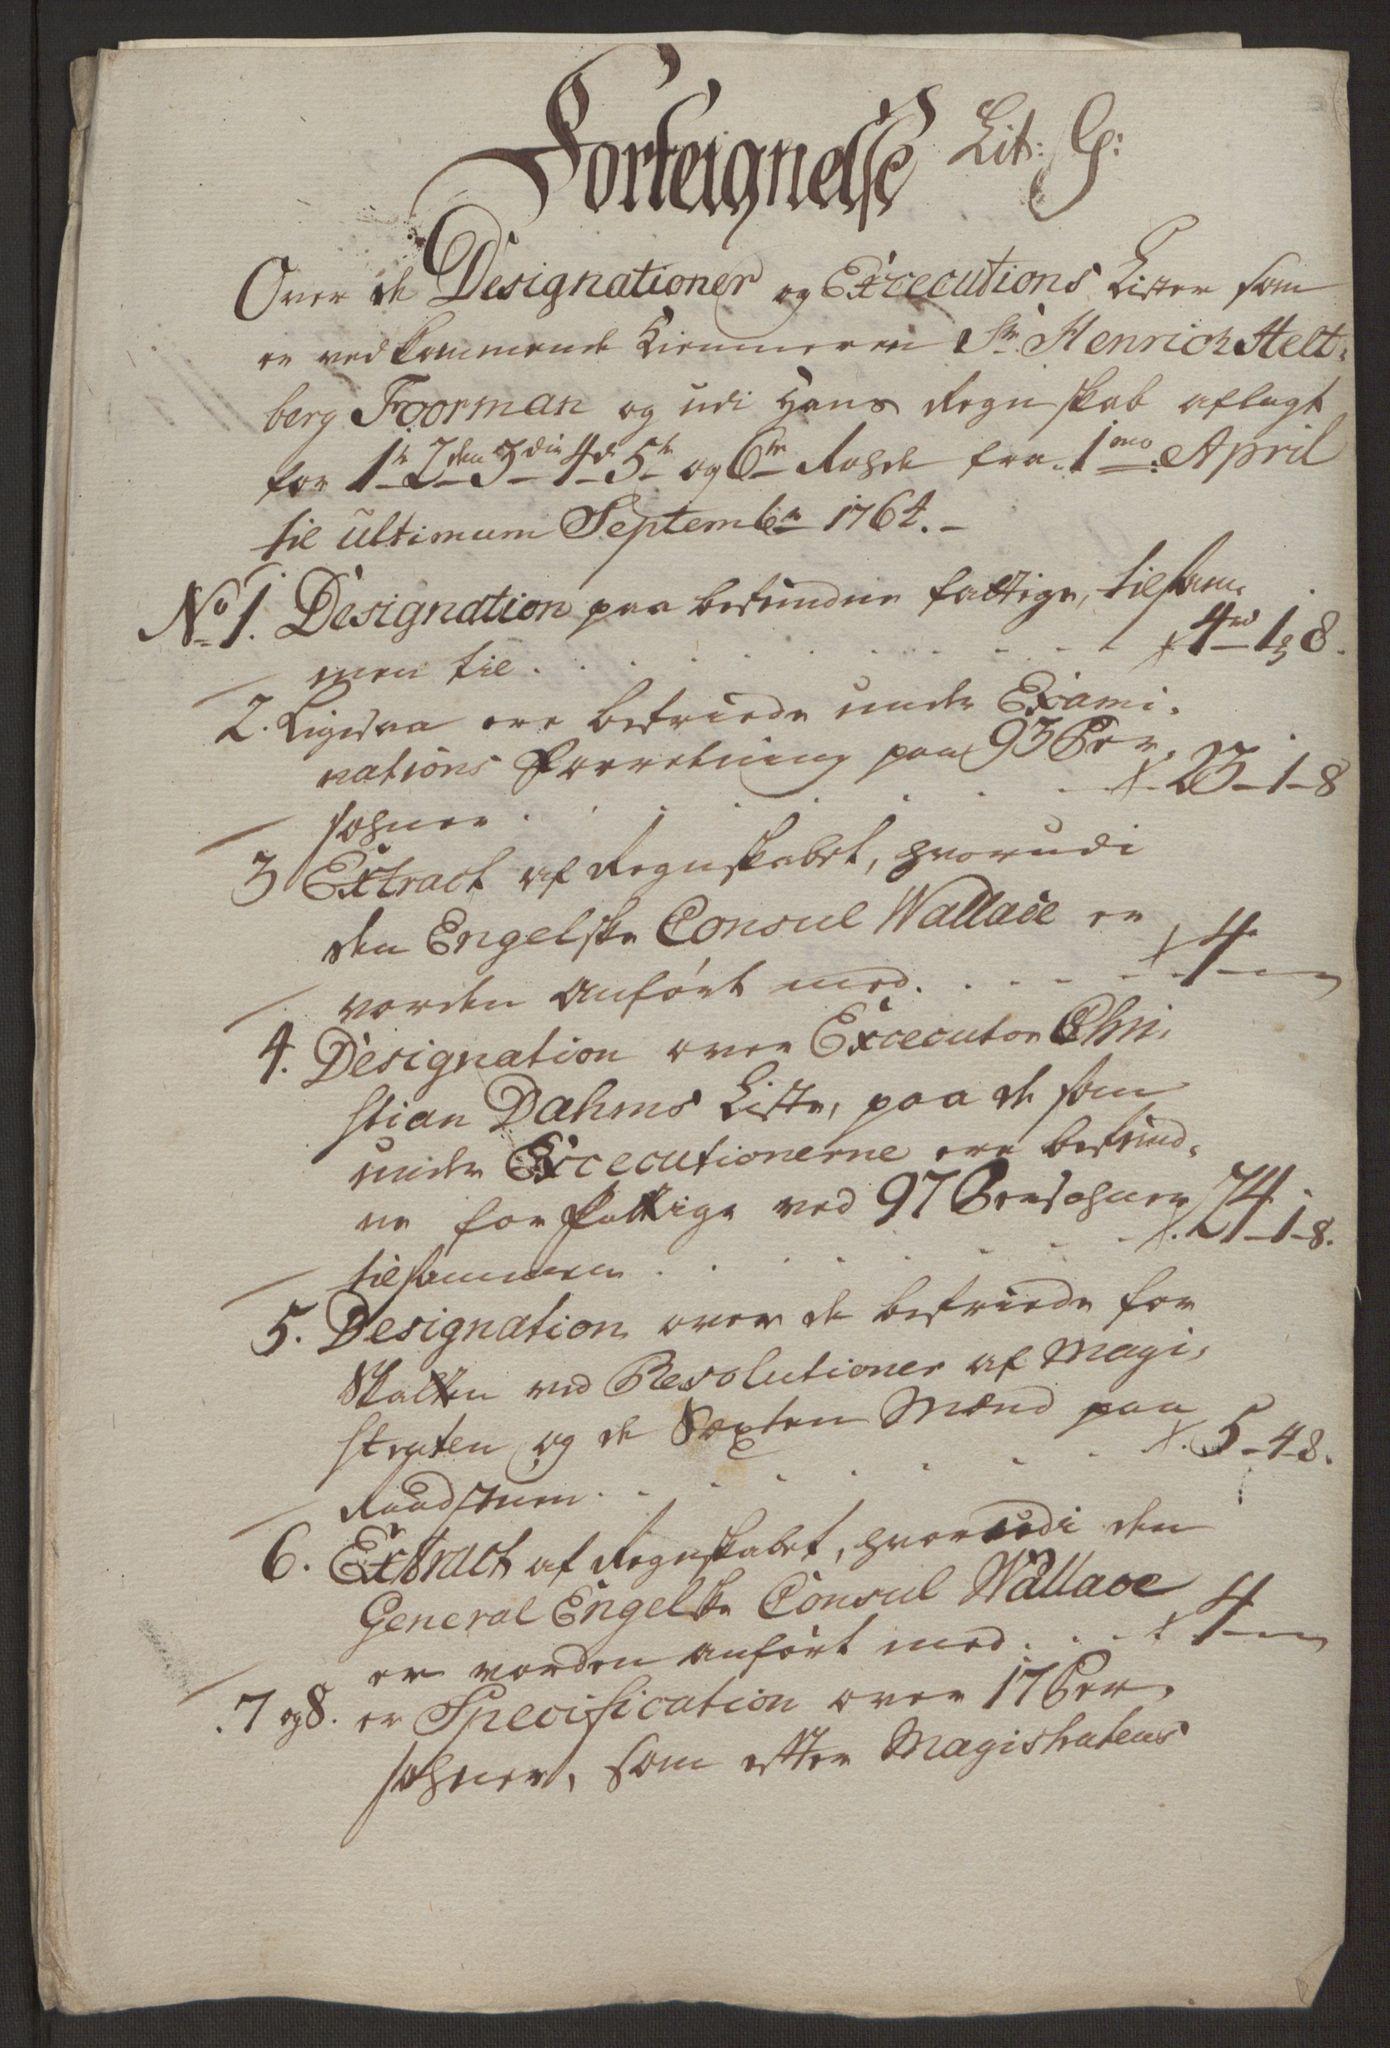 RA, Rentekammeret inntil 1814, Reviderte regnskaper, Byregnskaper, R/Rp/L0367: [P21] Kontribusjonsregnskap, 1764, s. 144